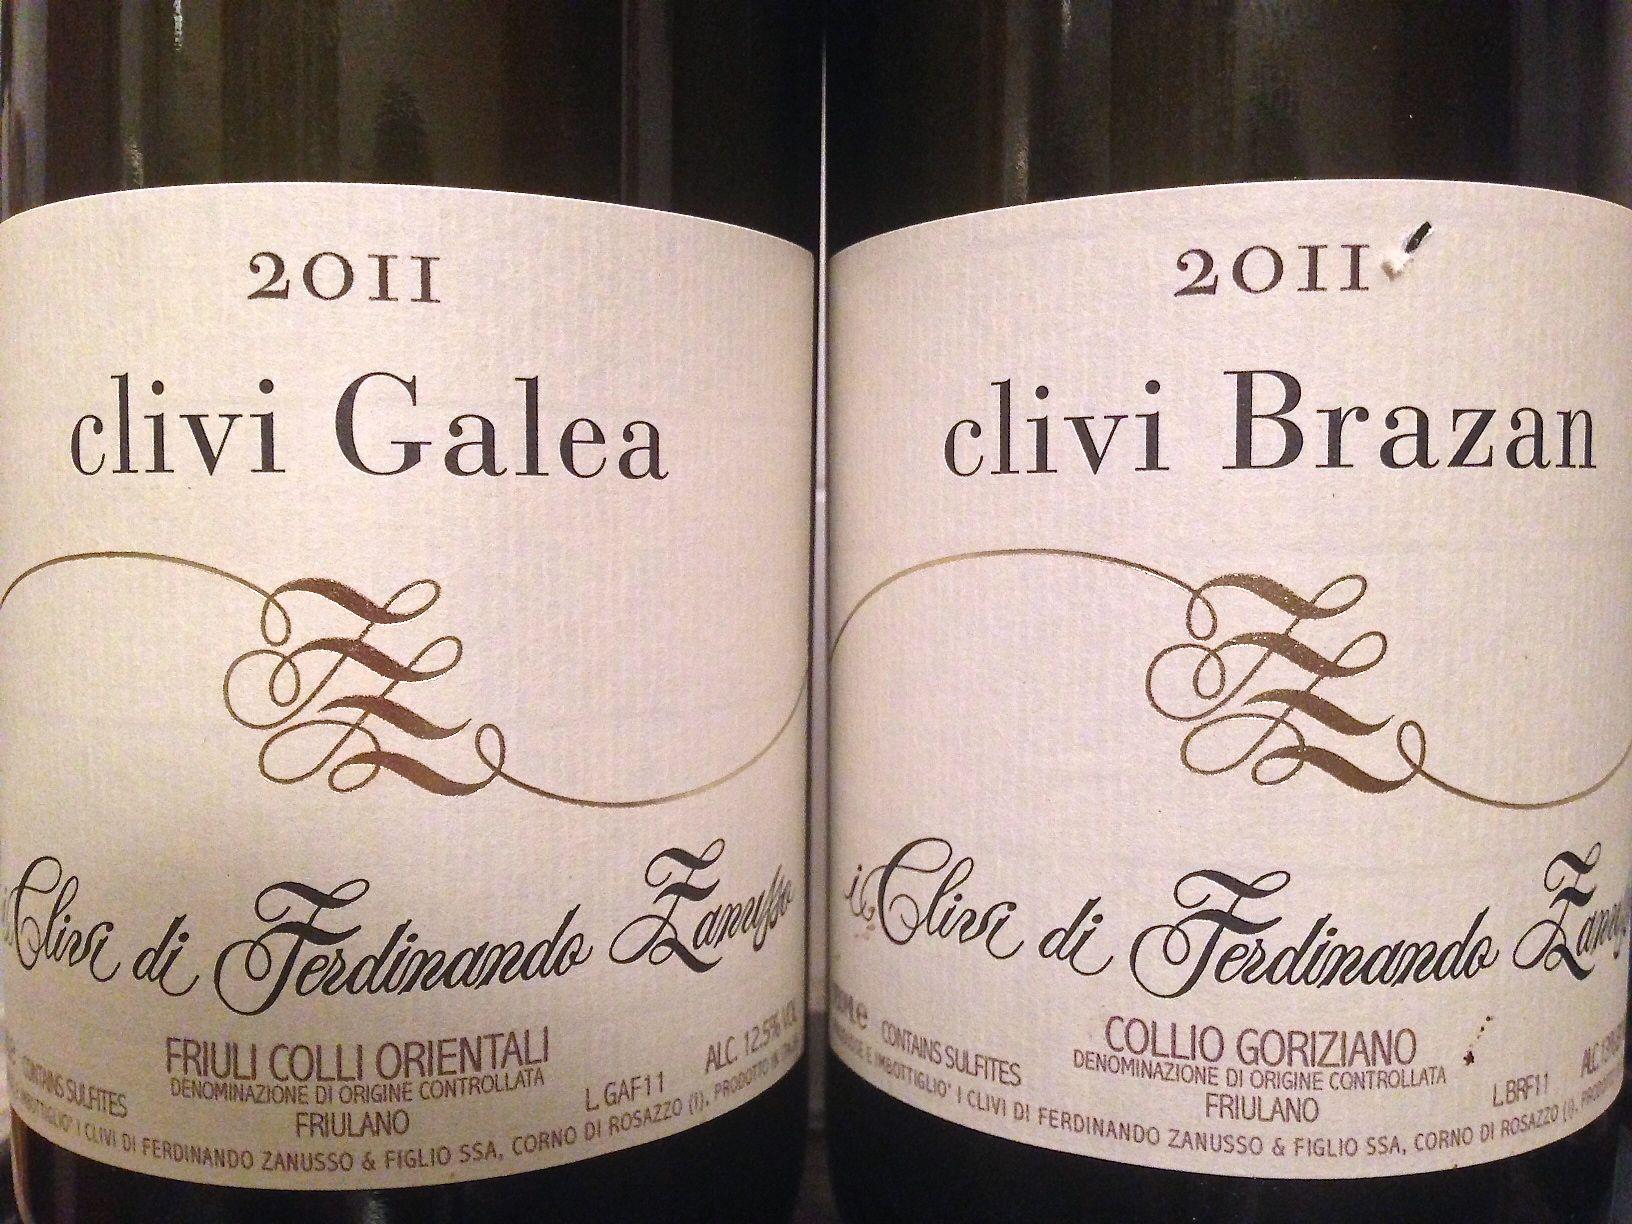 Ho bevuto due Friulano -Galea e Brazan- I Clivi e mi sono gasato. Intervista a Mario Zanusso inclusa